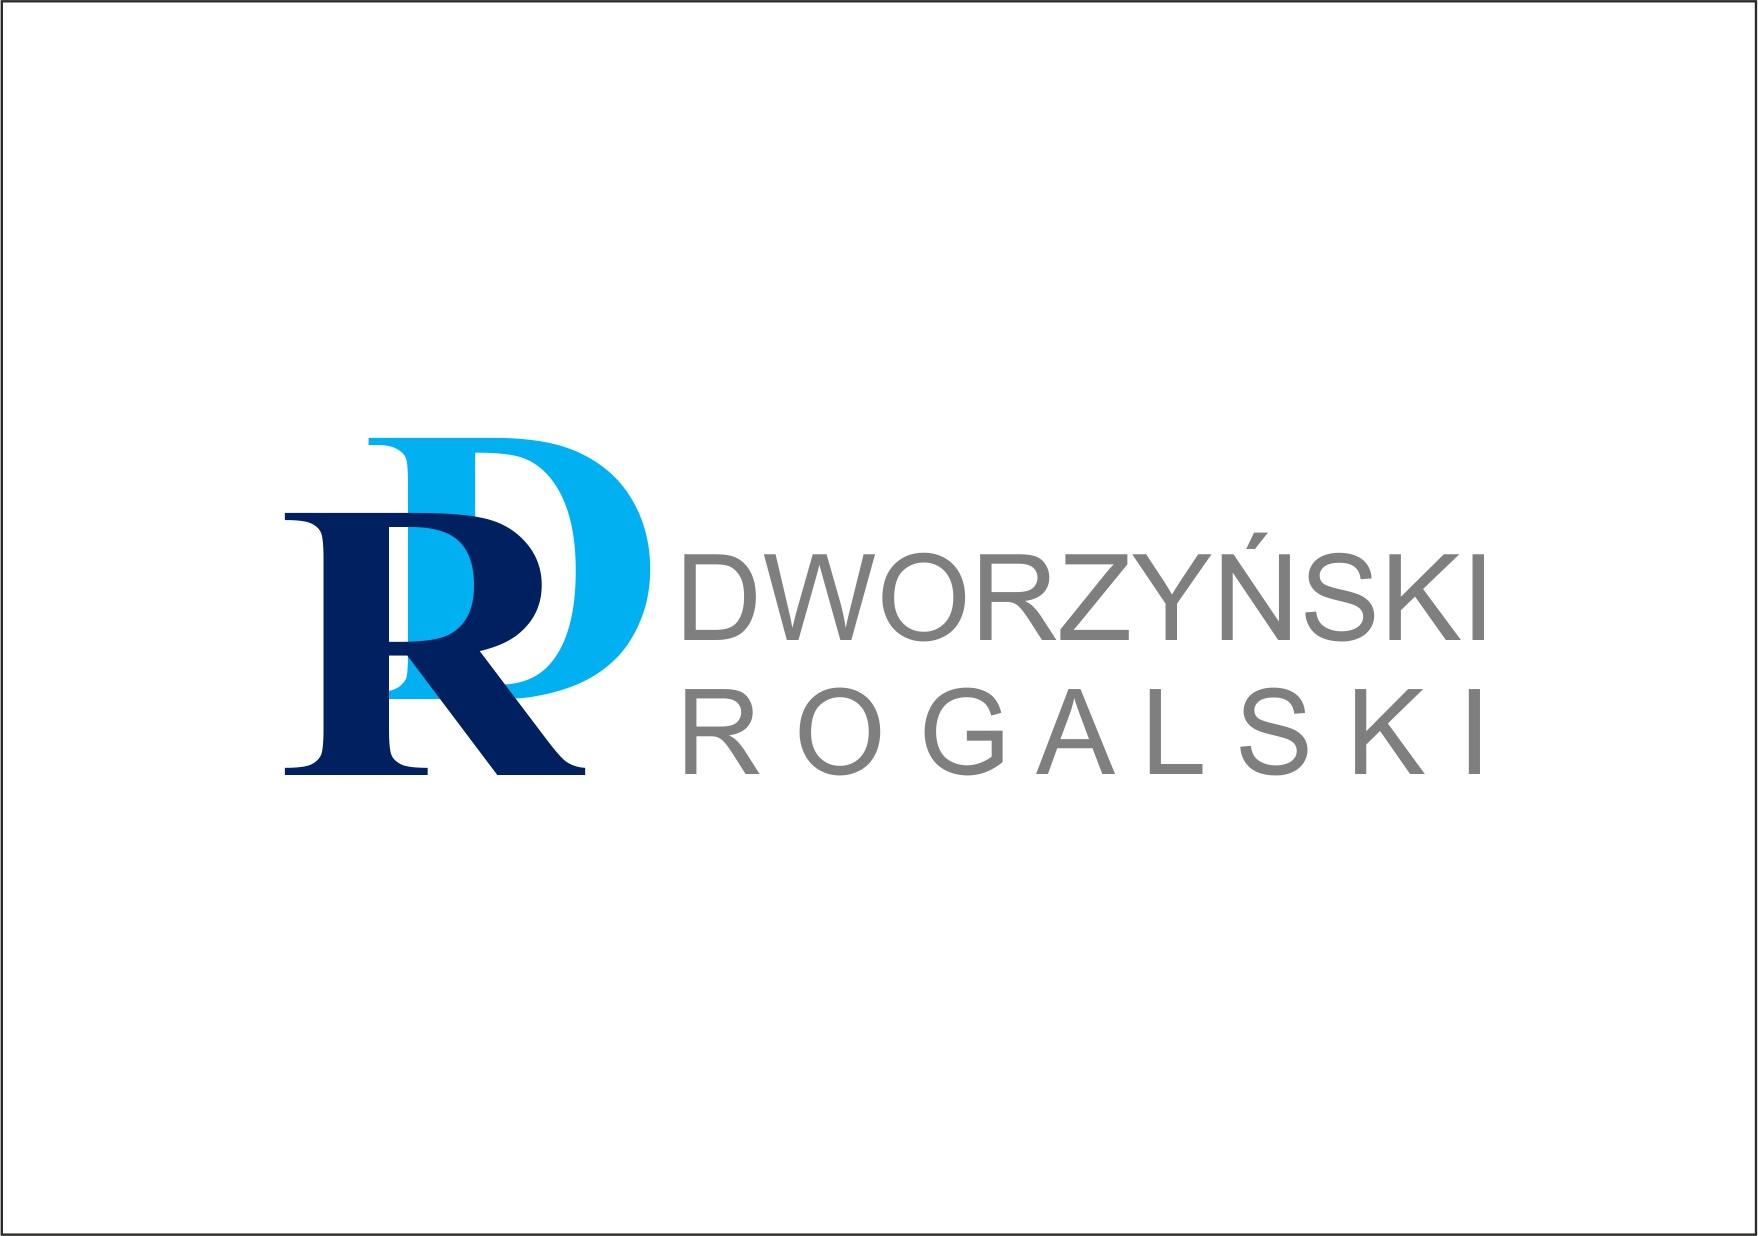 Dworzyński Rogalski, logo